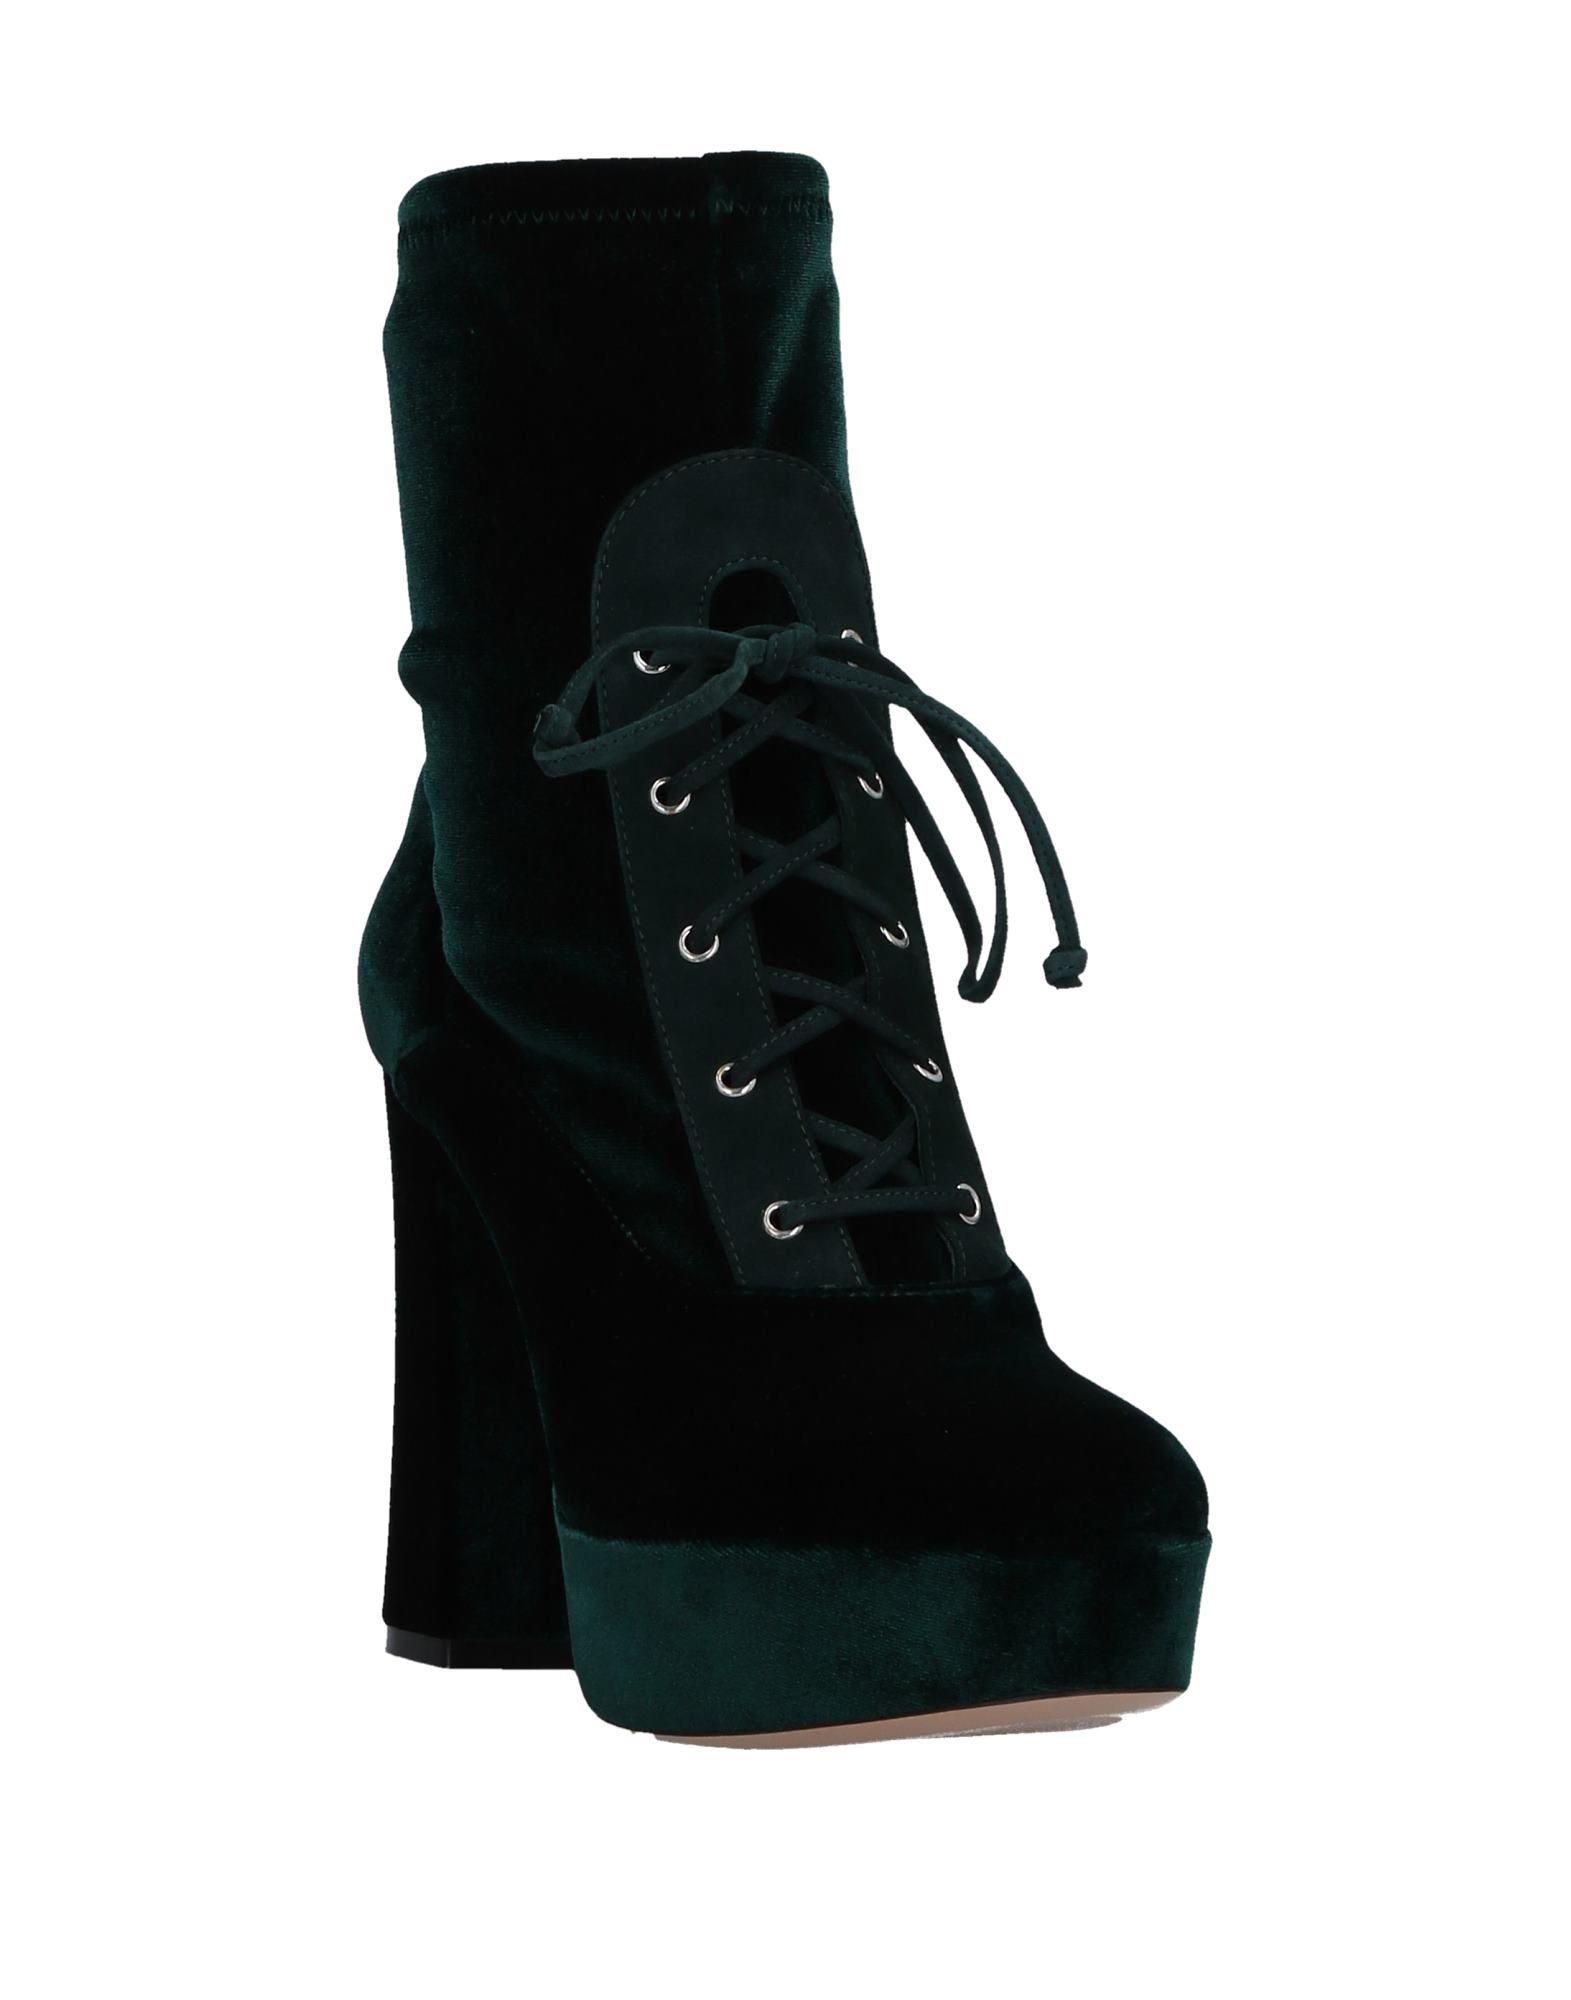 Moda Stivaletti Lerre Donna - 11514875WI